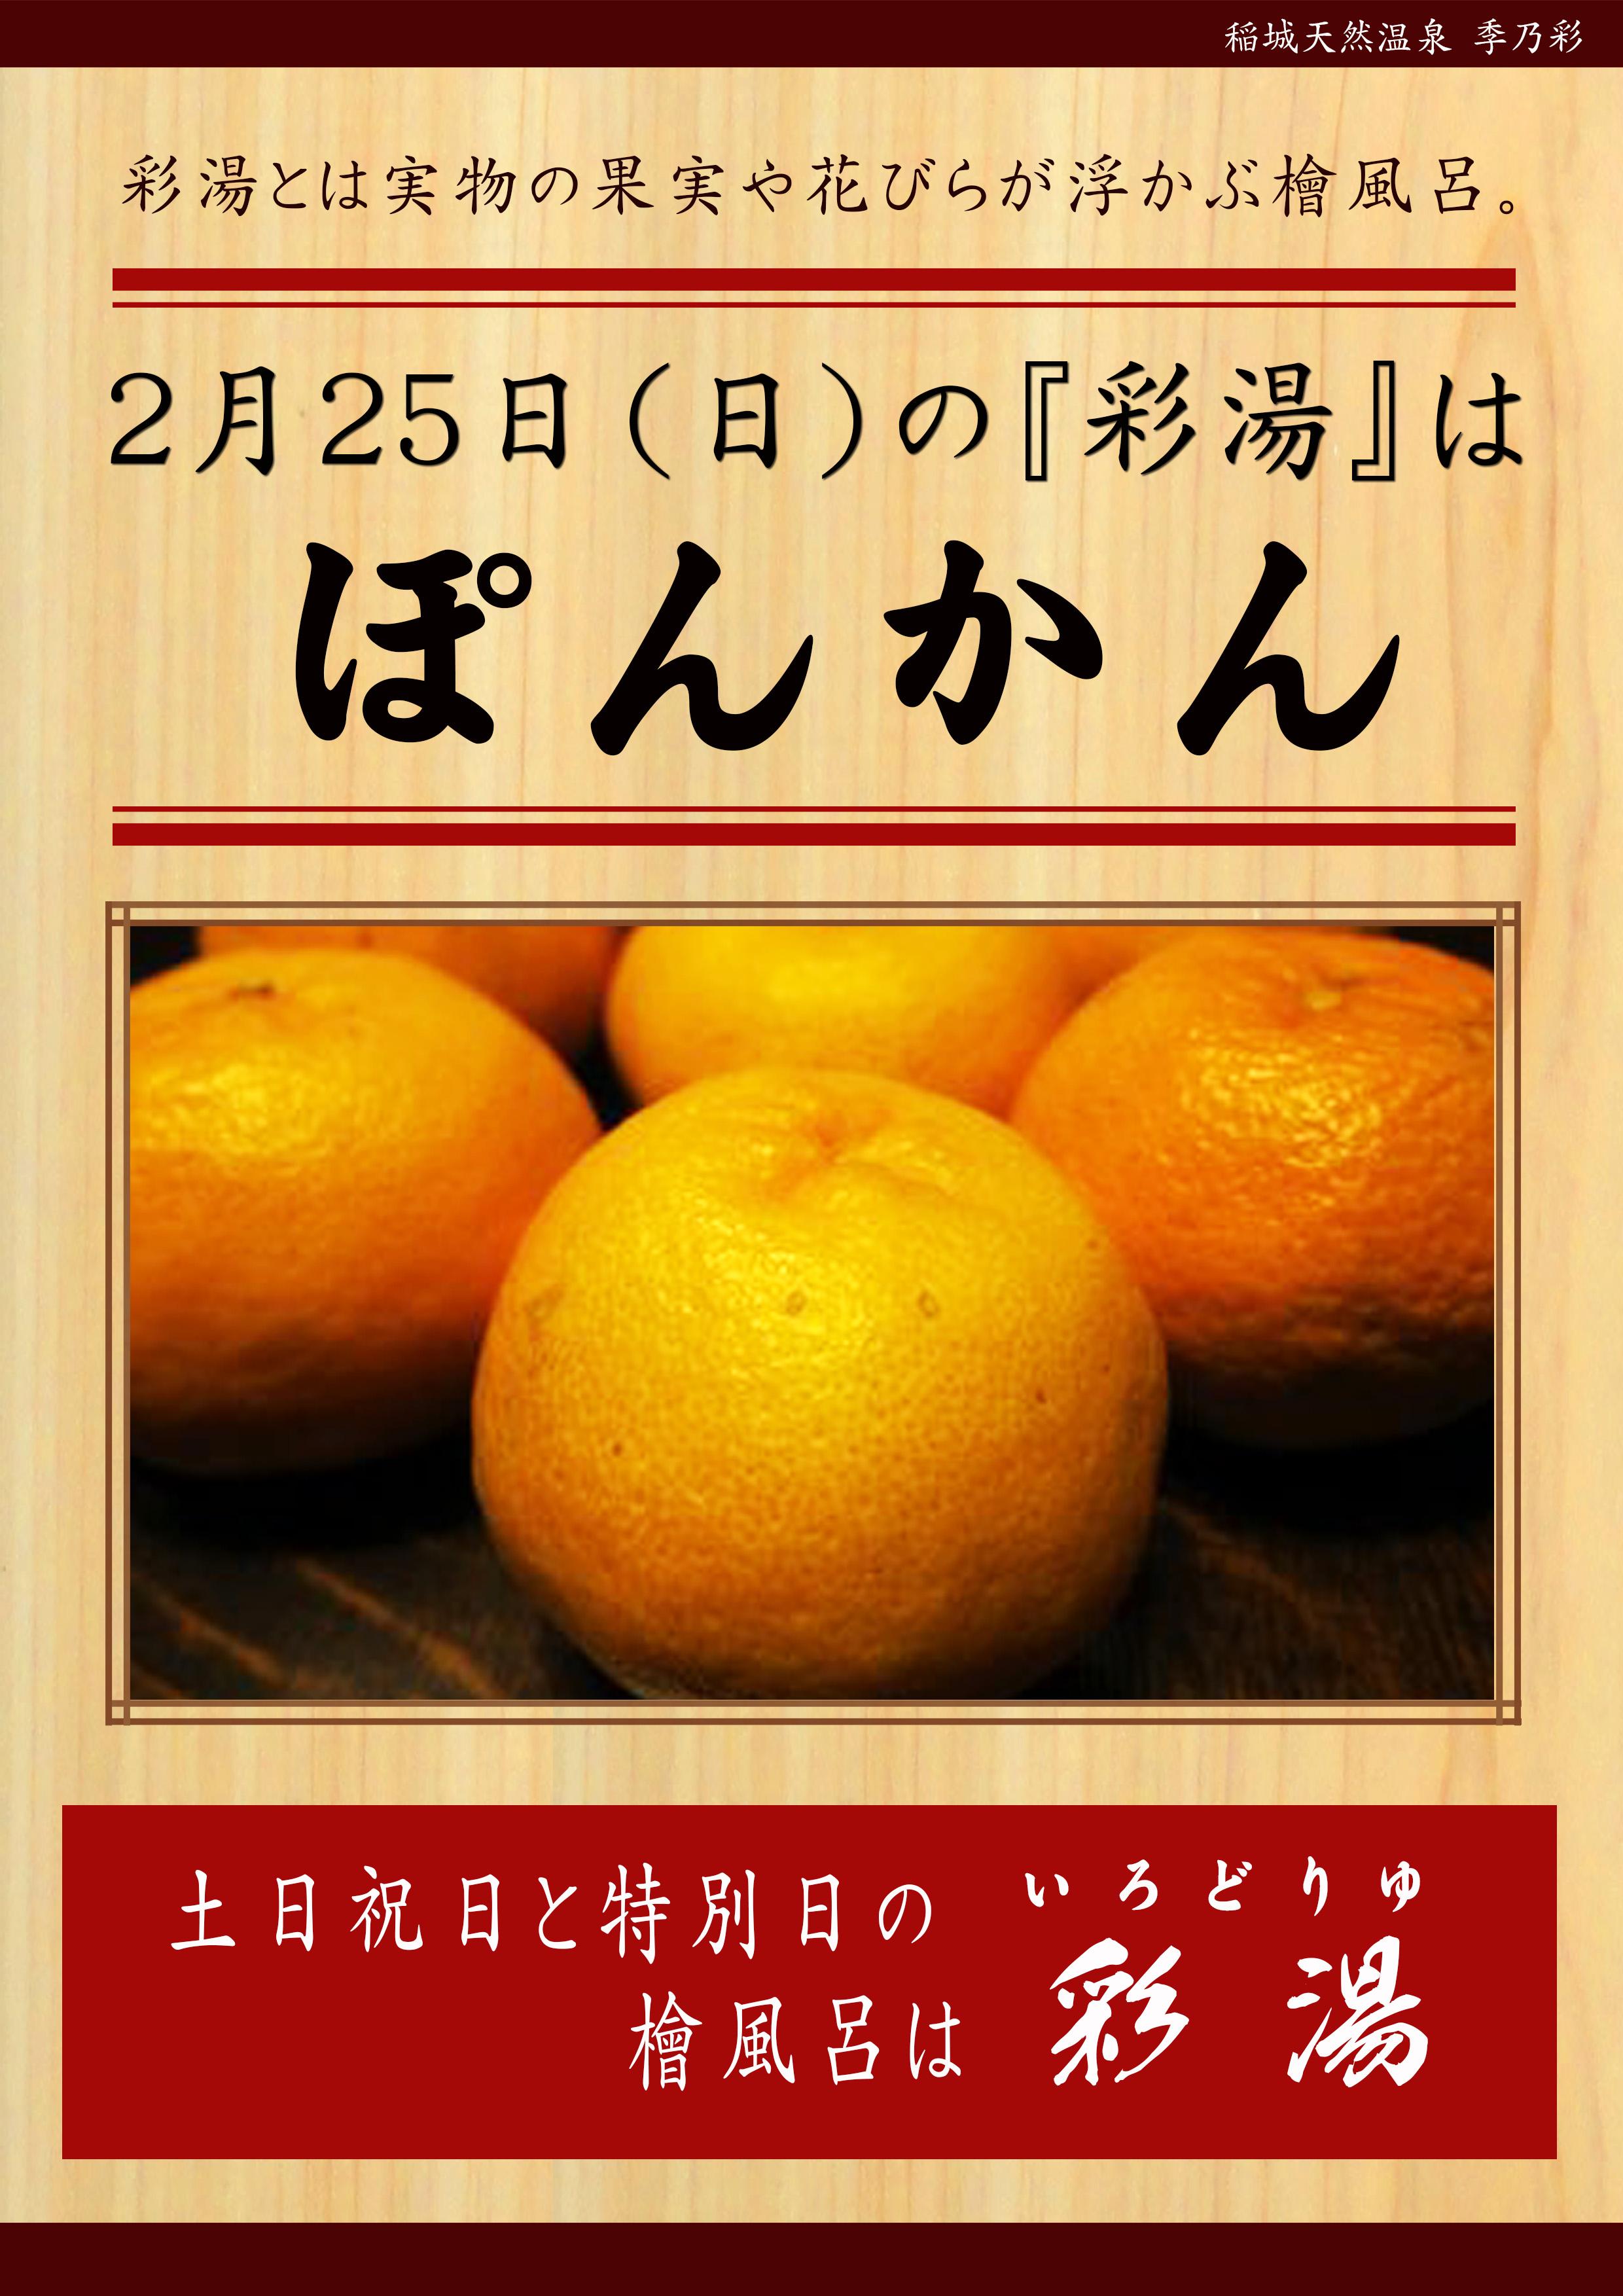 20180225POP イベント 彩湯 ぽんかん